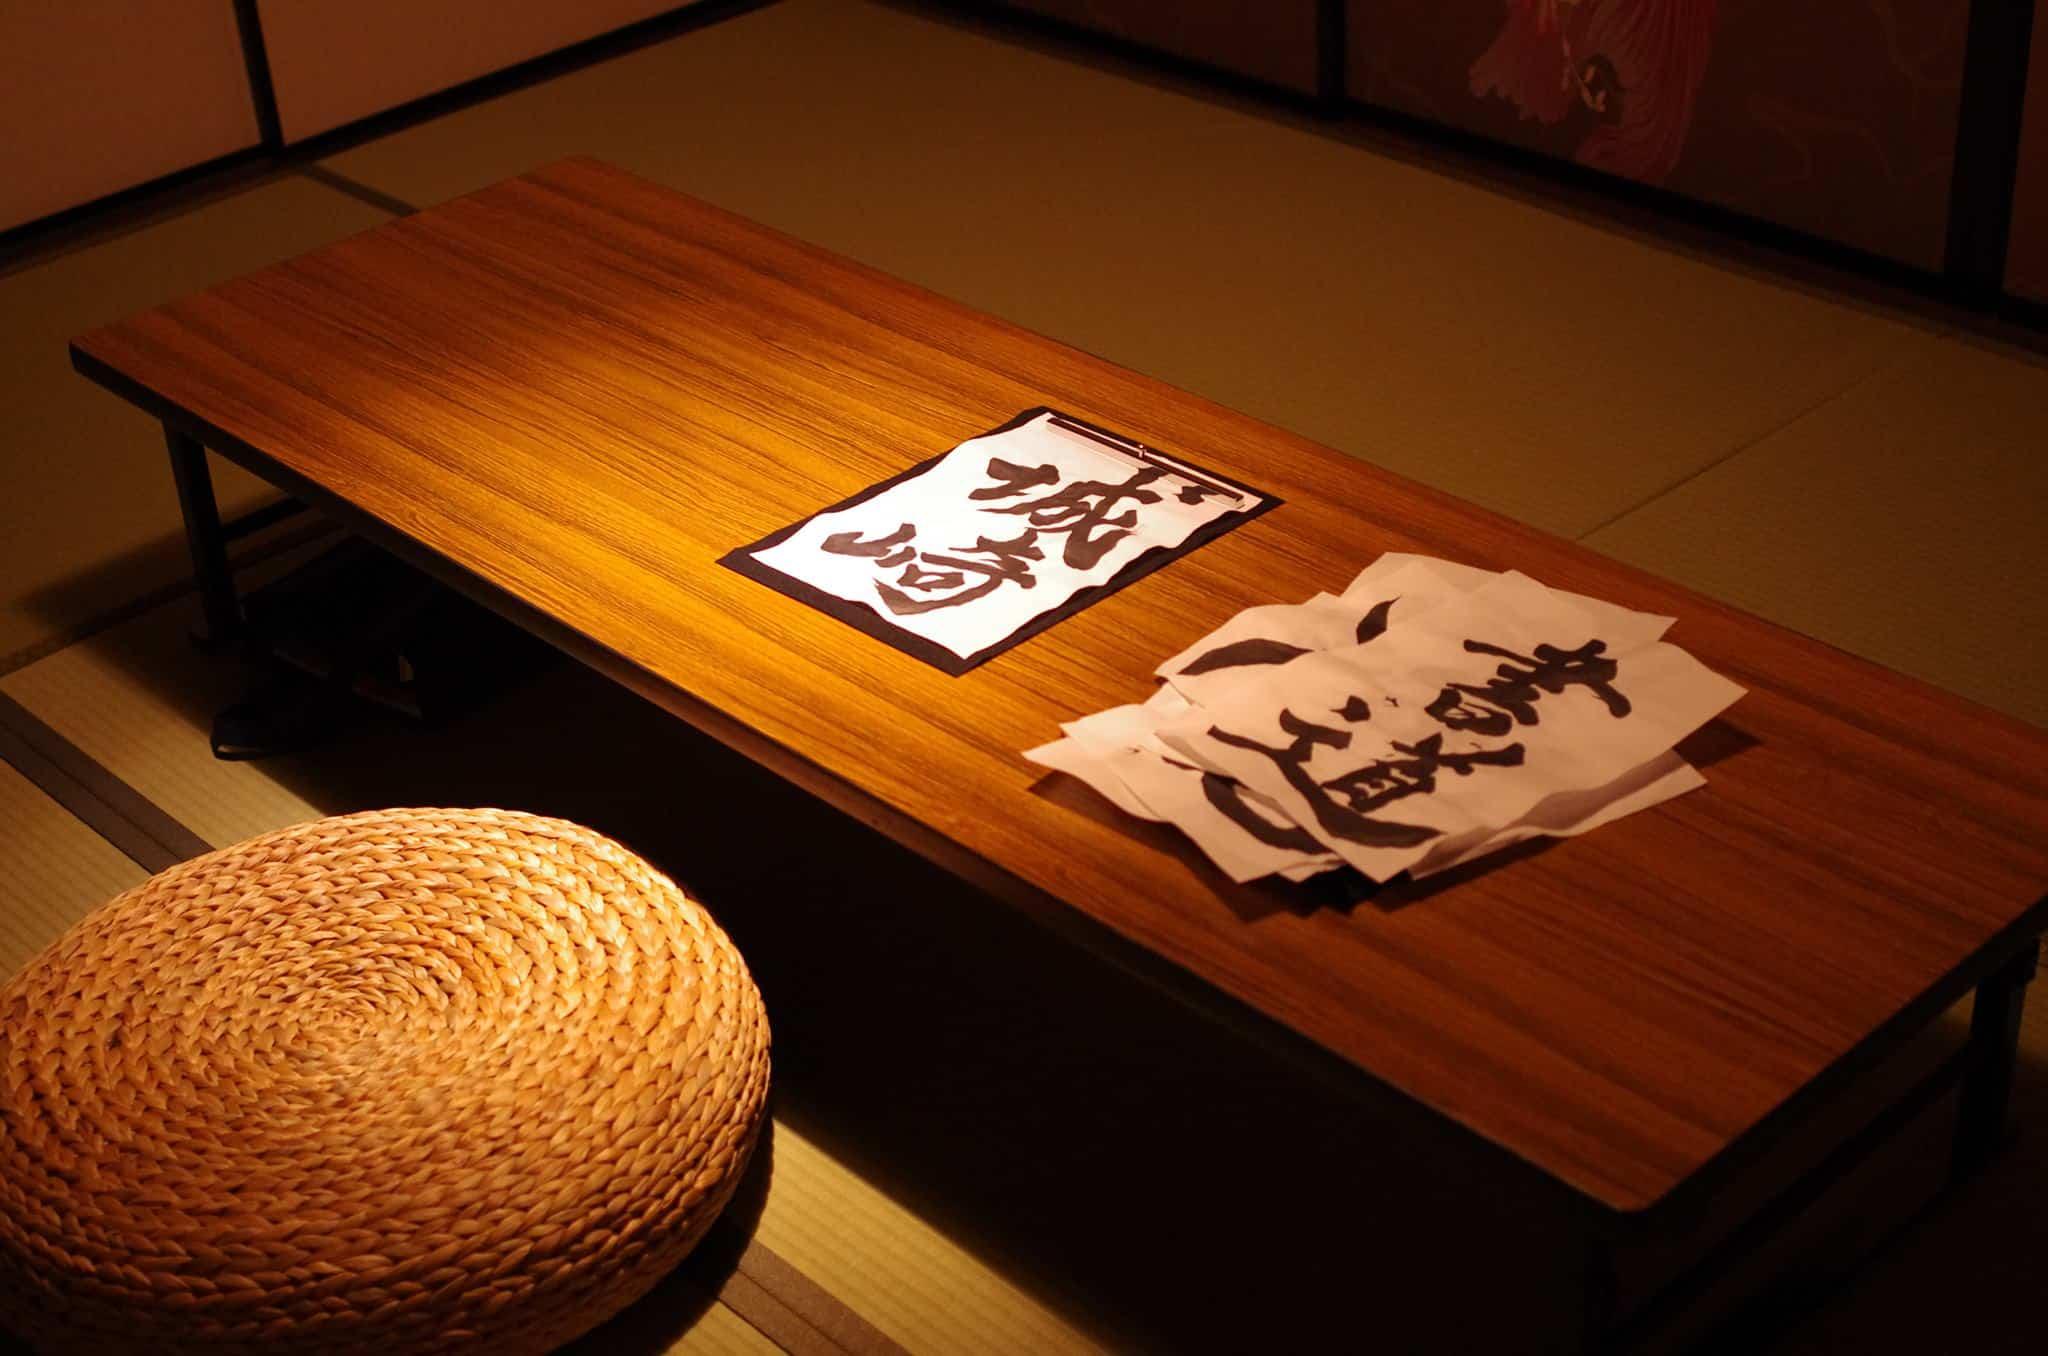 กิจกรรม เขียนตัวอักษรด้วยพู่กันญี่ปุ่น ณ คิโนะซากิออนเซ็น